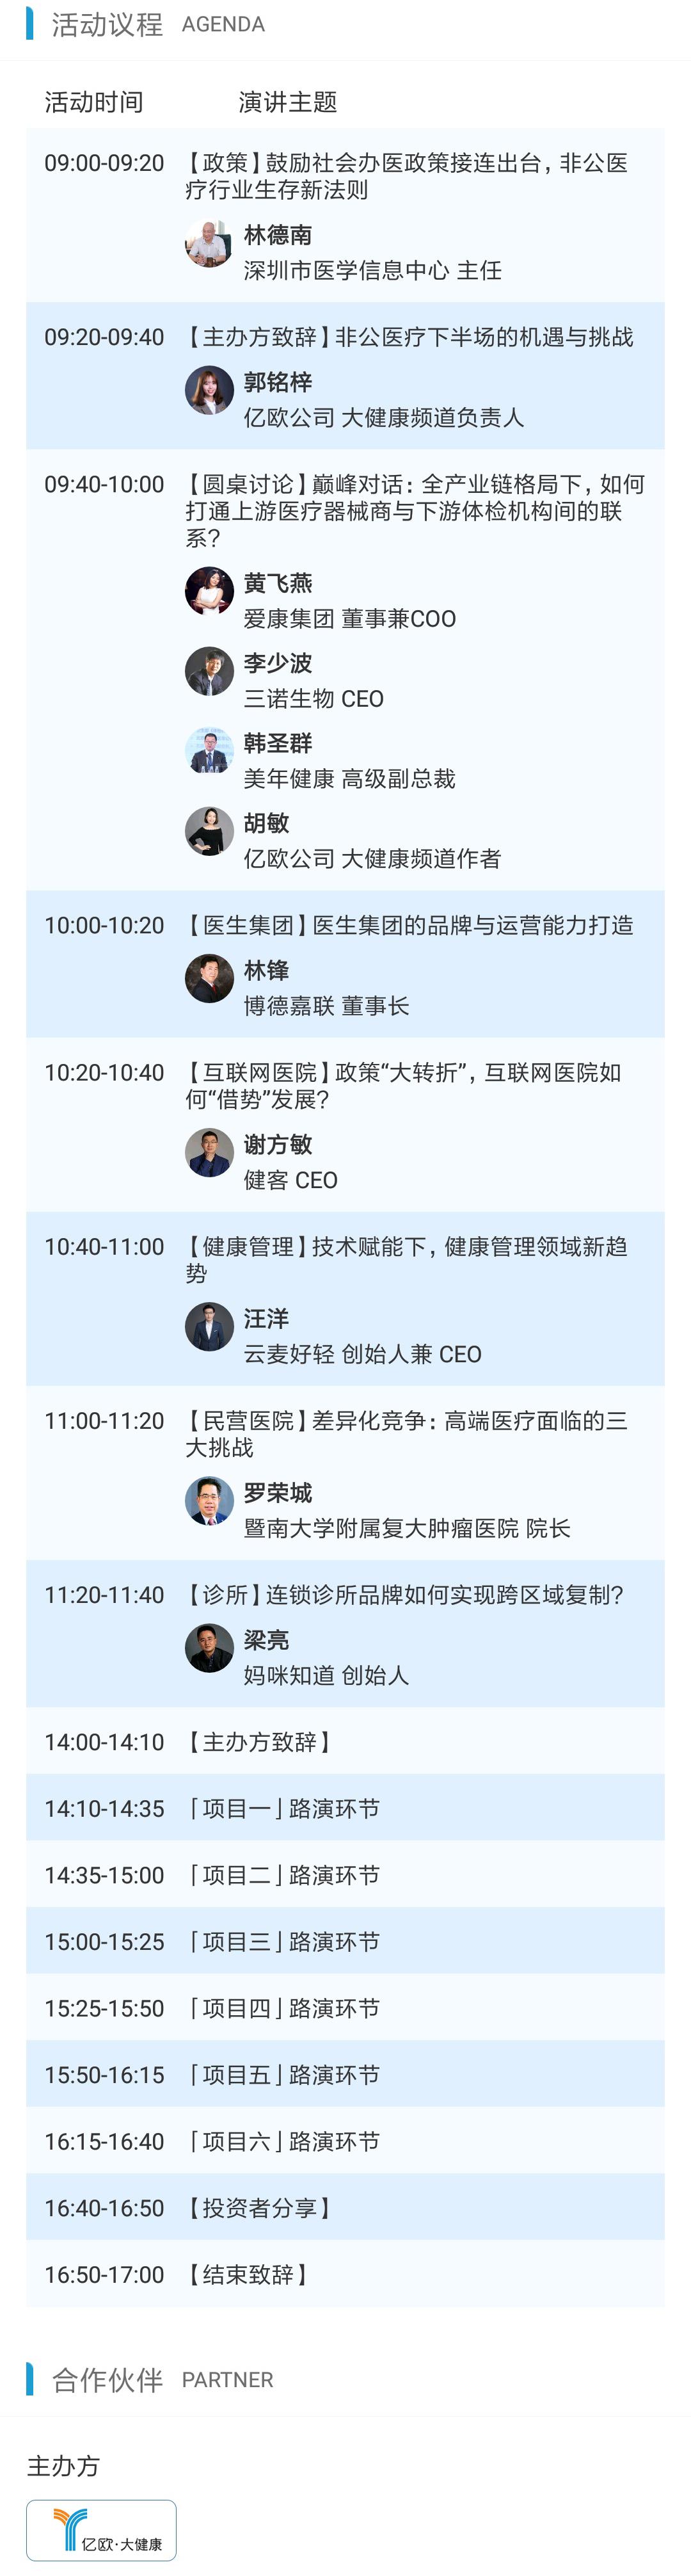 GIIS 2019非公医疗产业沙龙(04.26深圳)